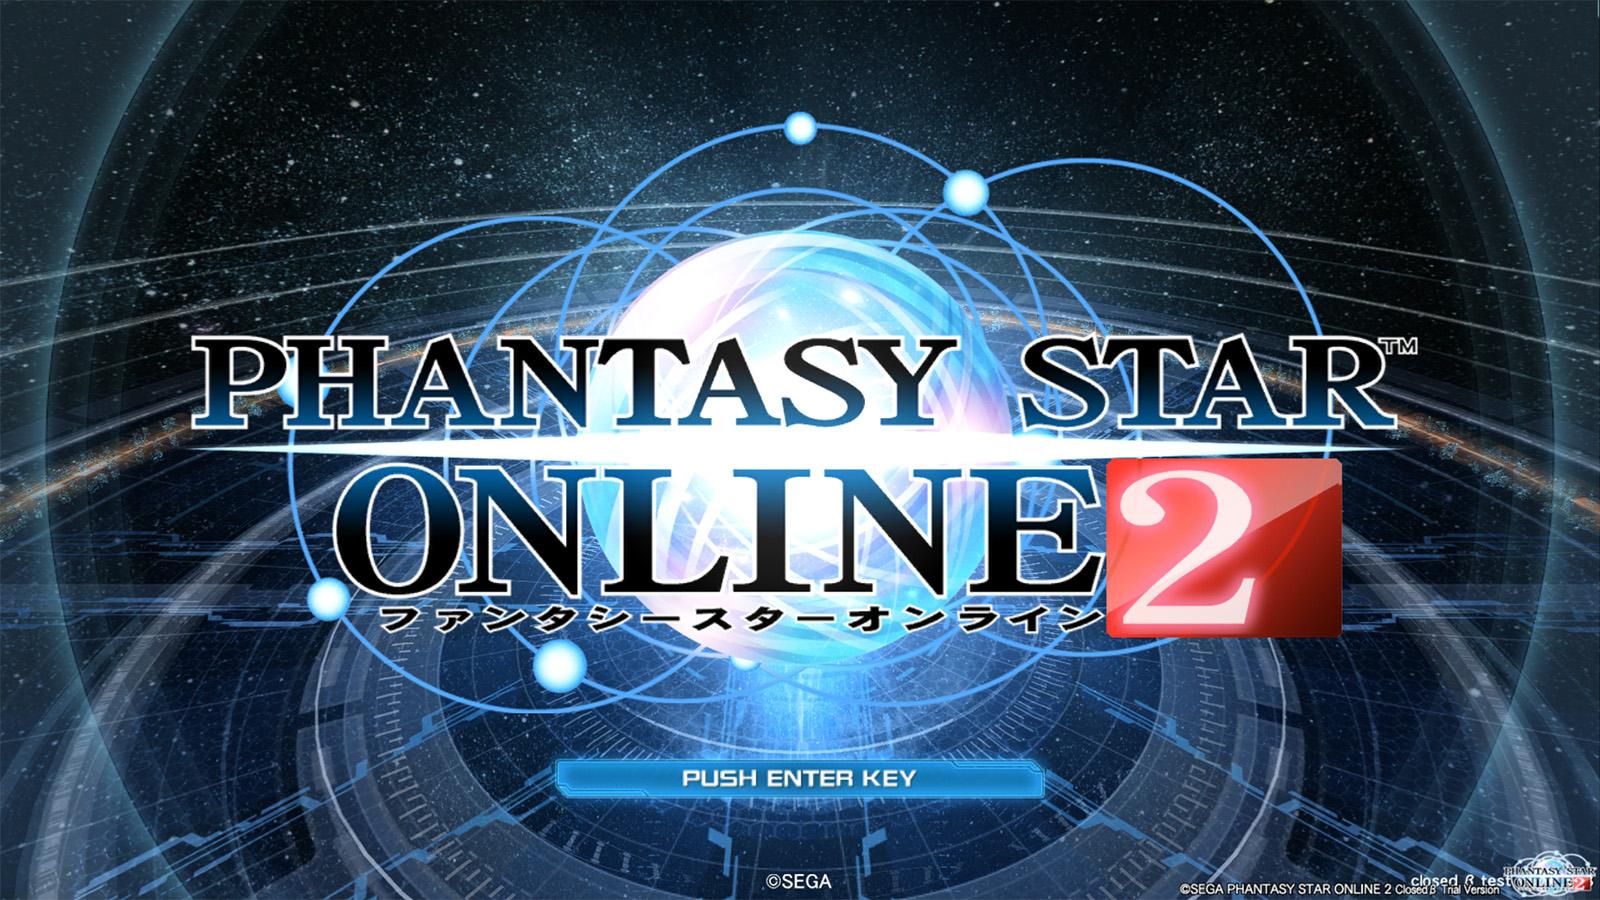 staronline com